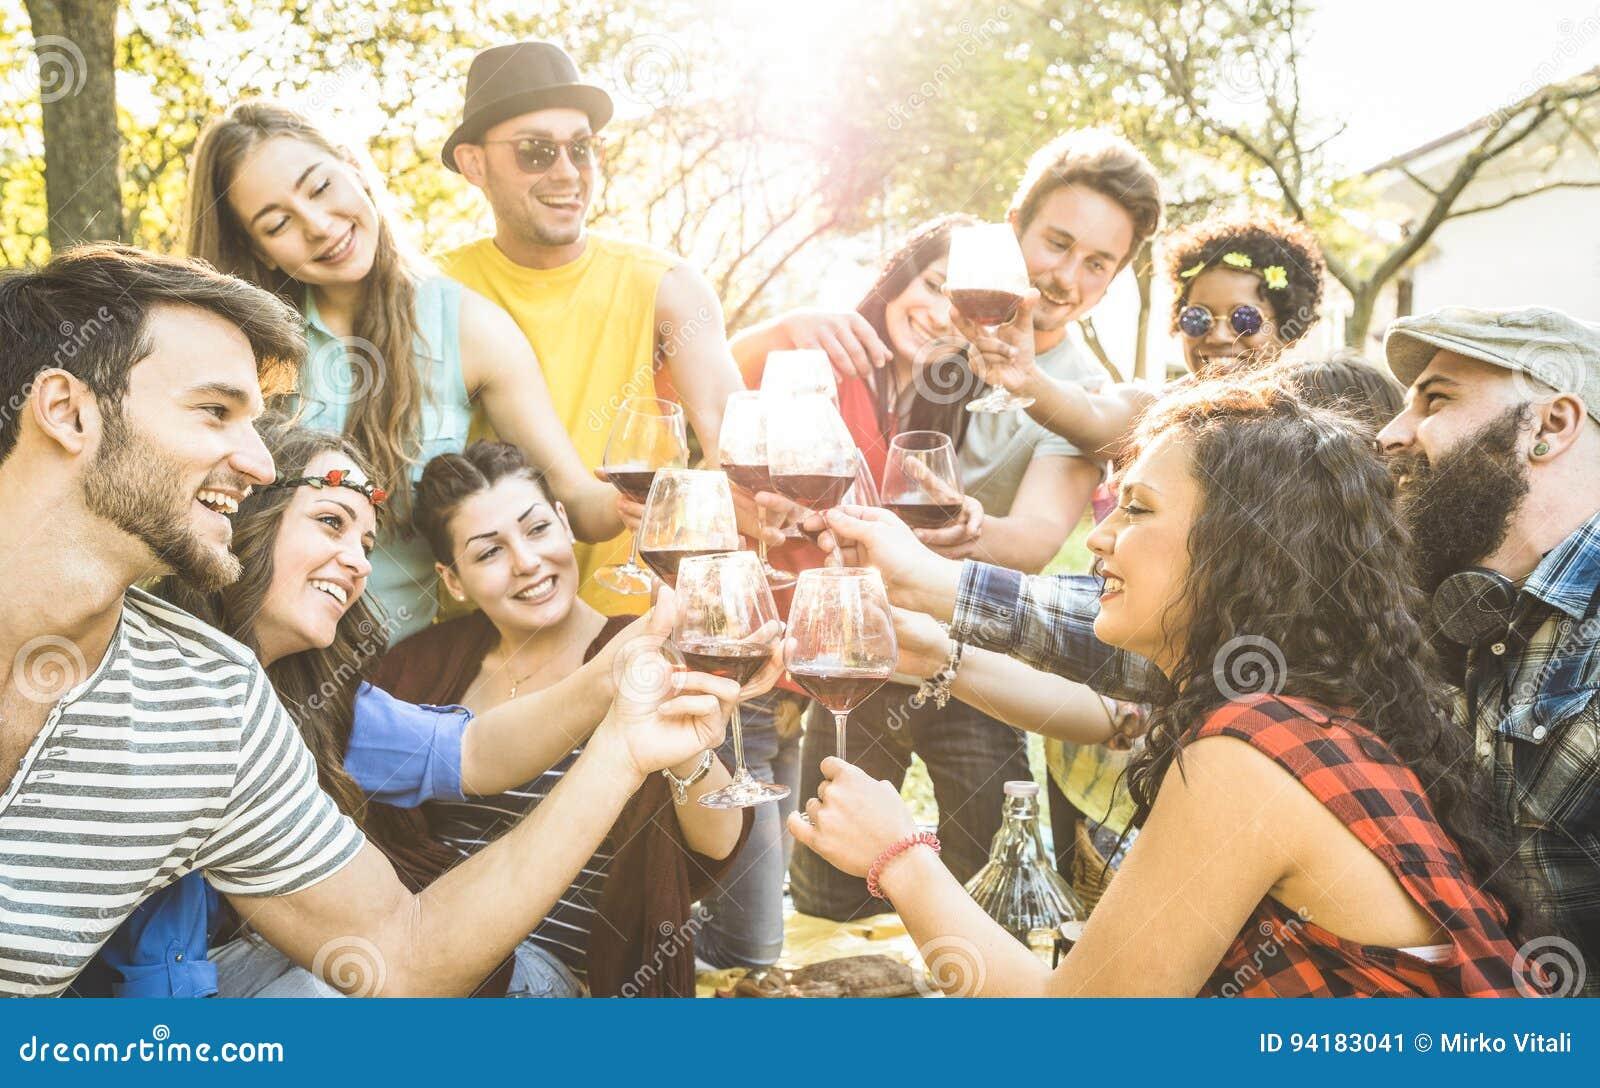 Группа в составе друзья провозглашать вино имея потеху на приём гостей в саду барбекю